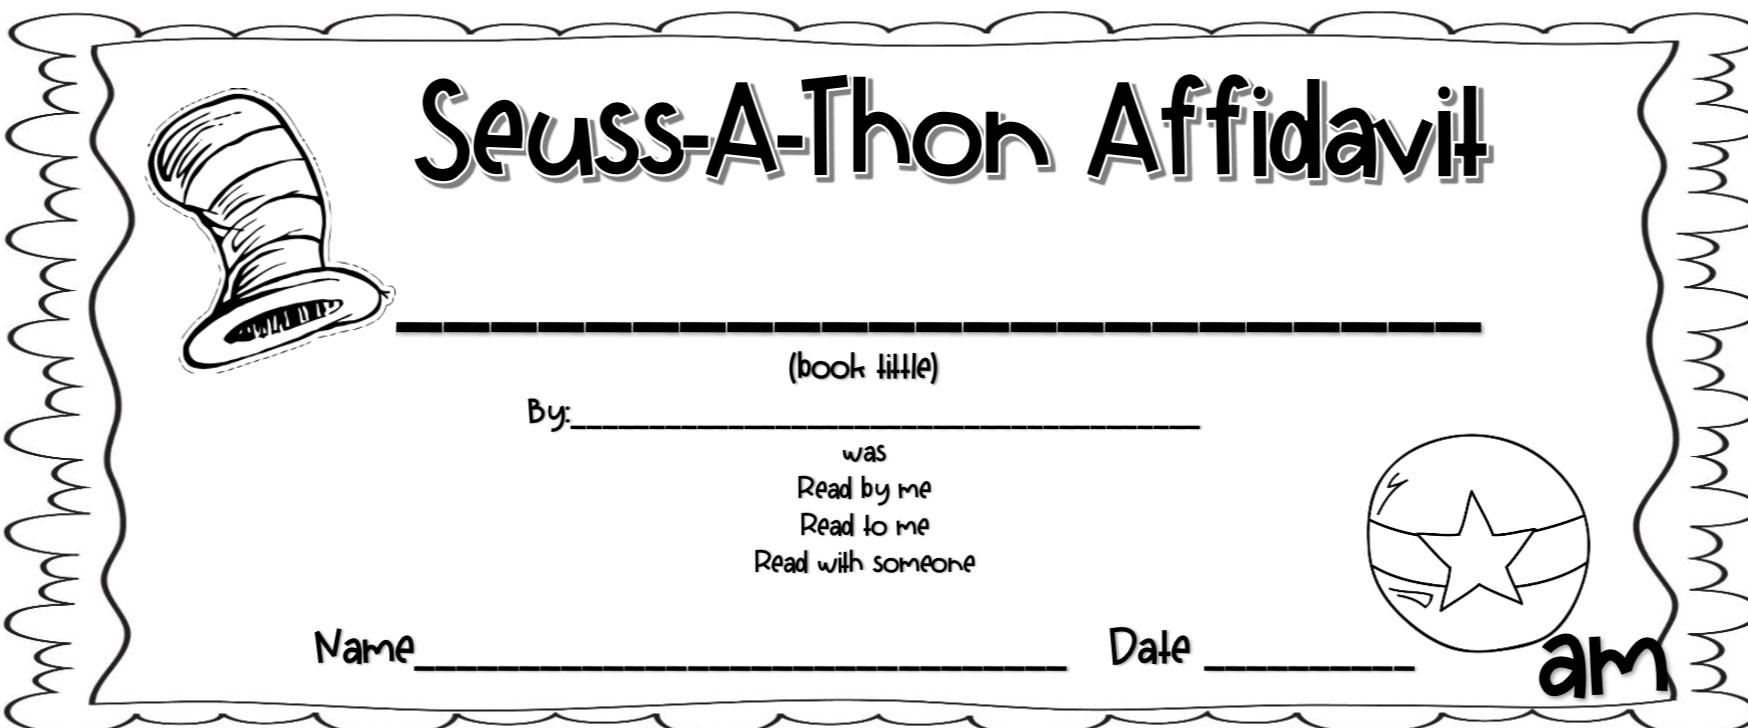 Dr. Seuss-A-Thon